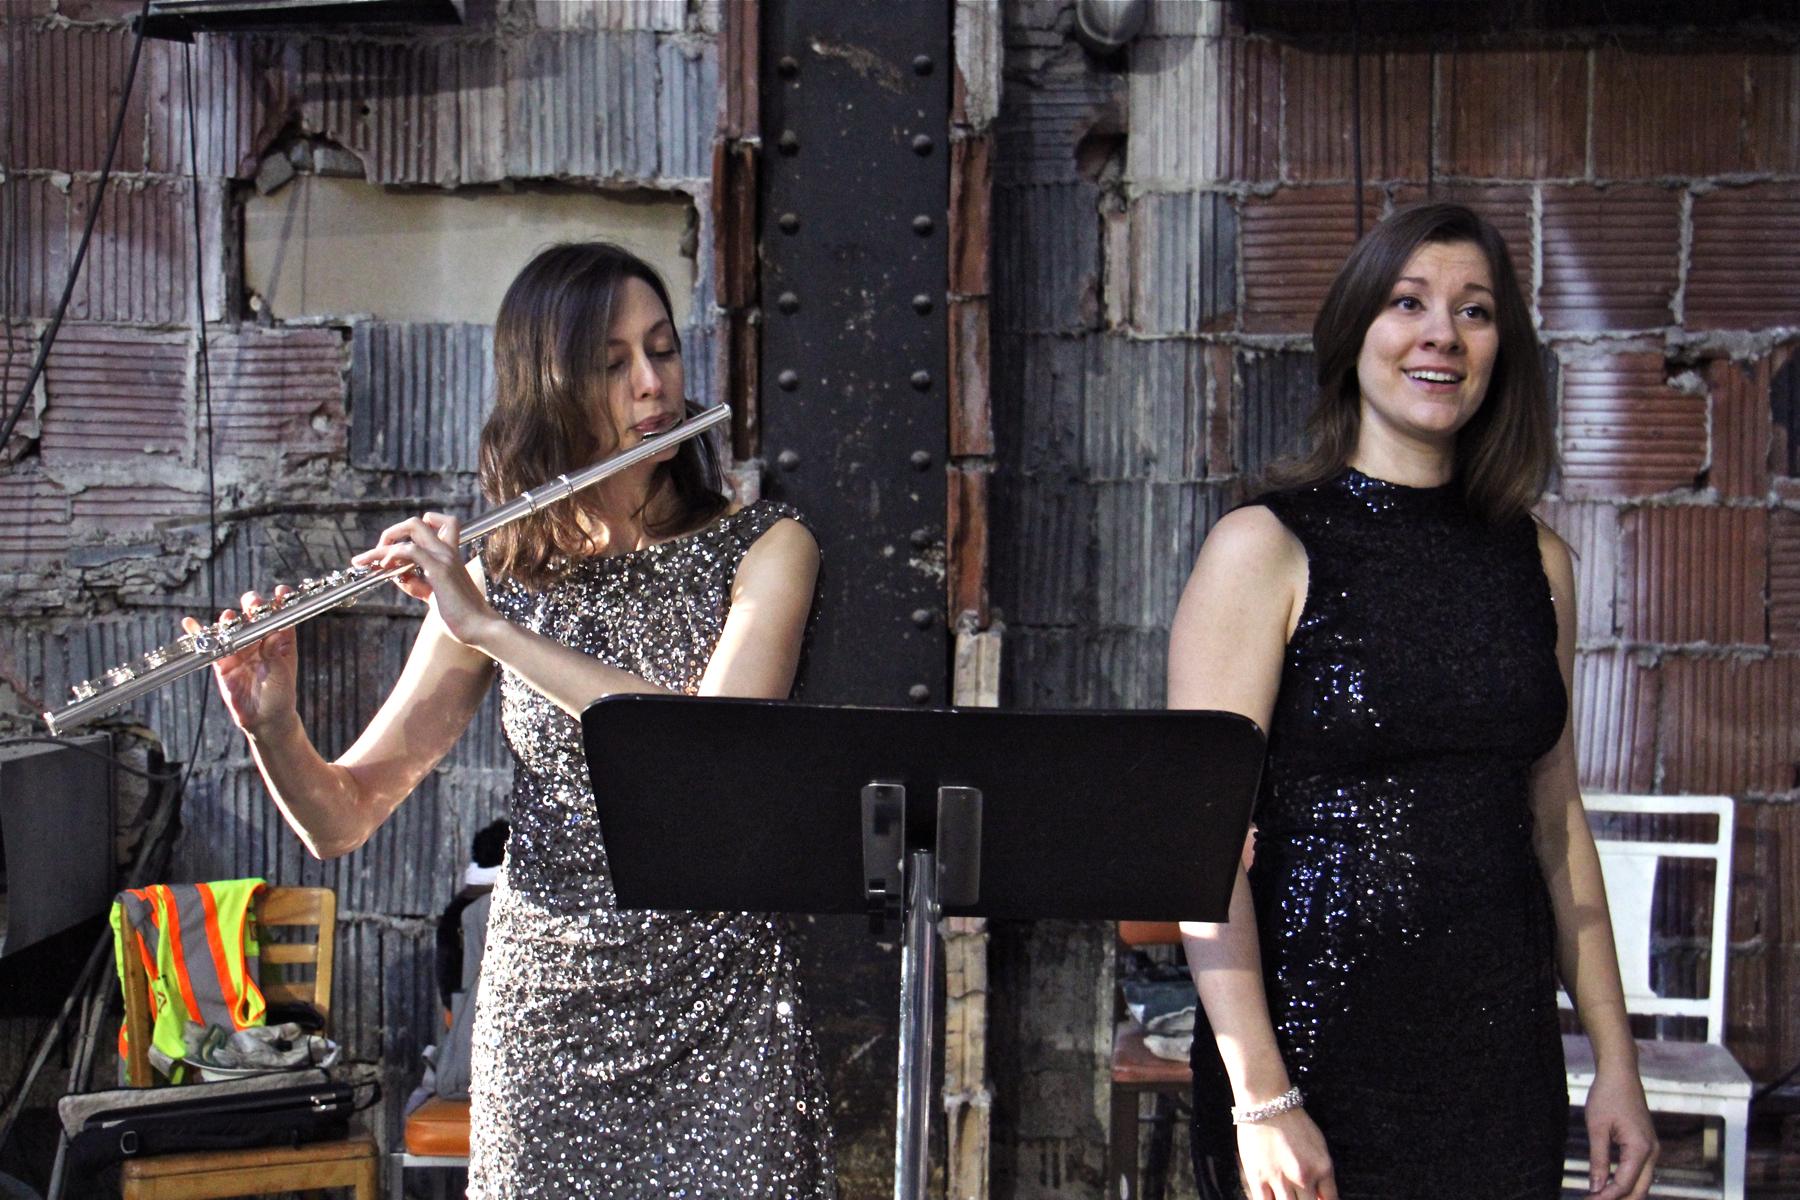 Anna Urrey (left) and Katherine Skovira perform a trio of Irish songs by John Corigliano